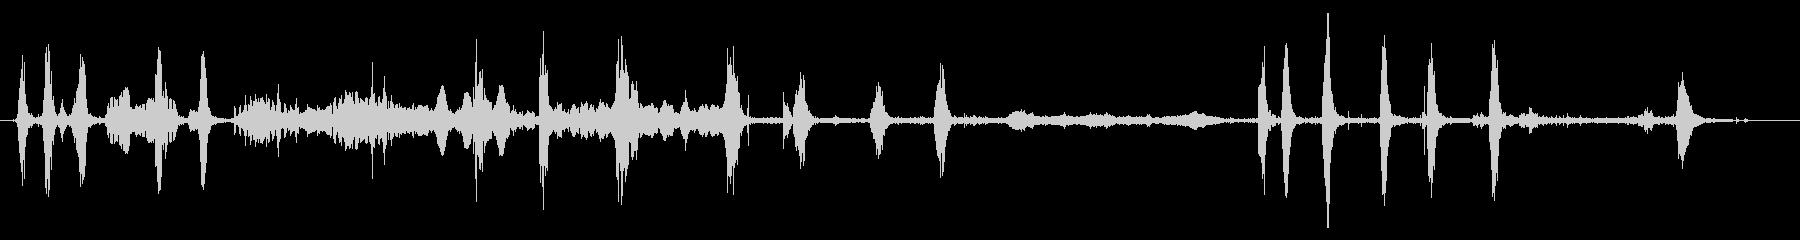 チキンアンドヘンハウス:Int:S...の未再生の波形